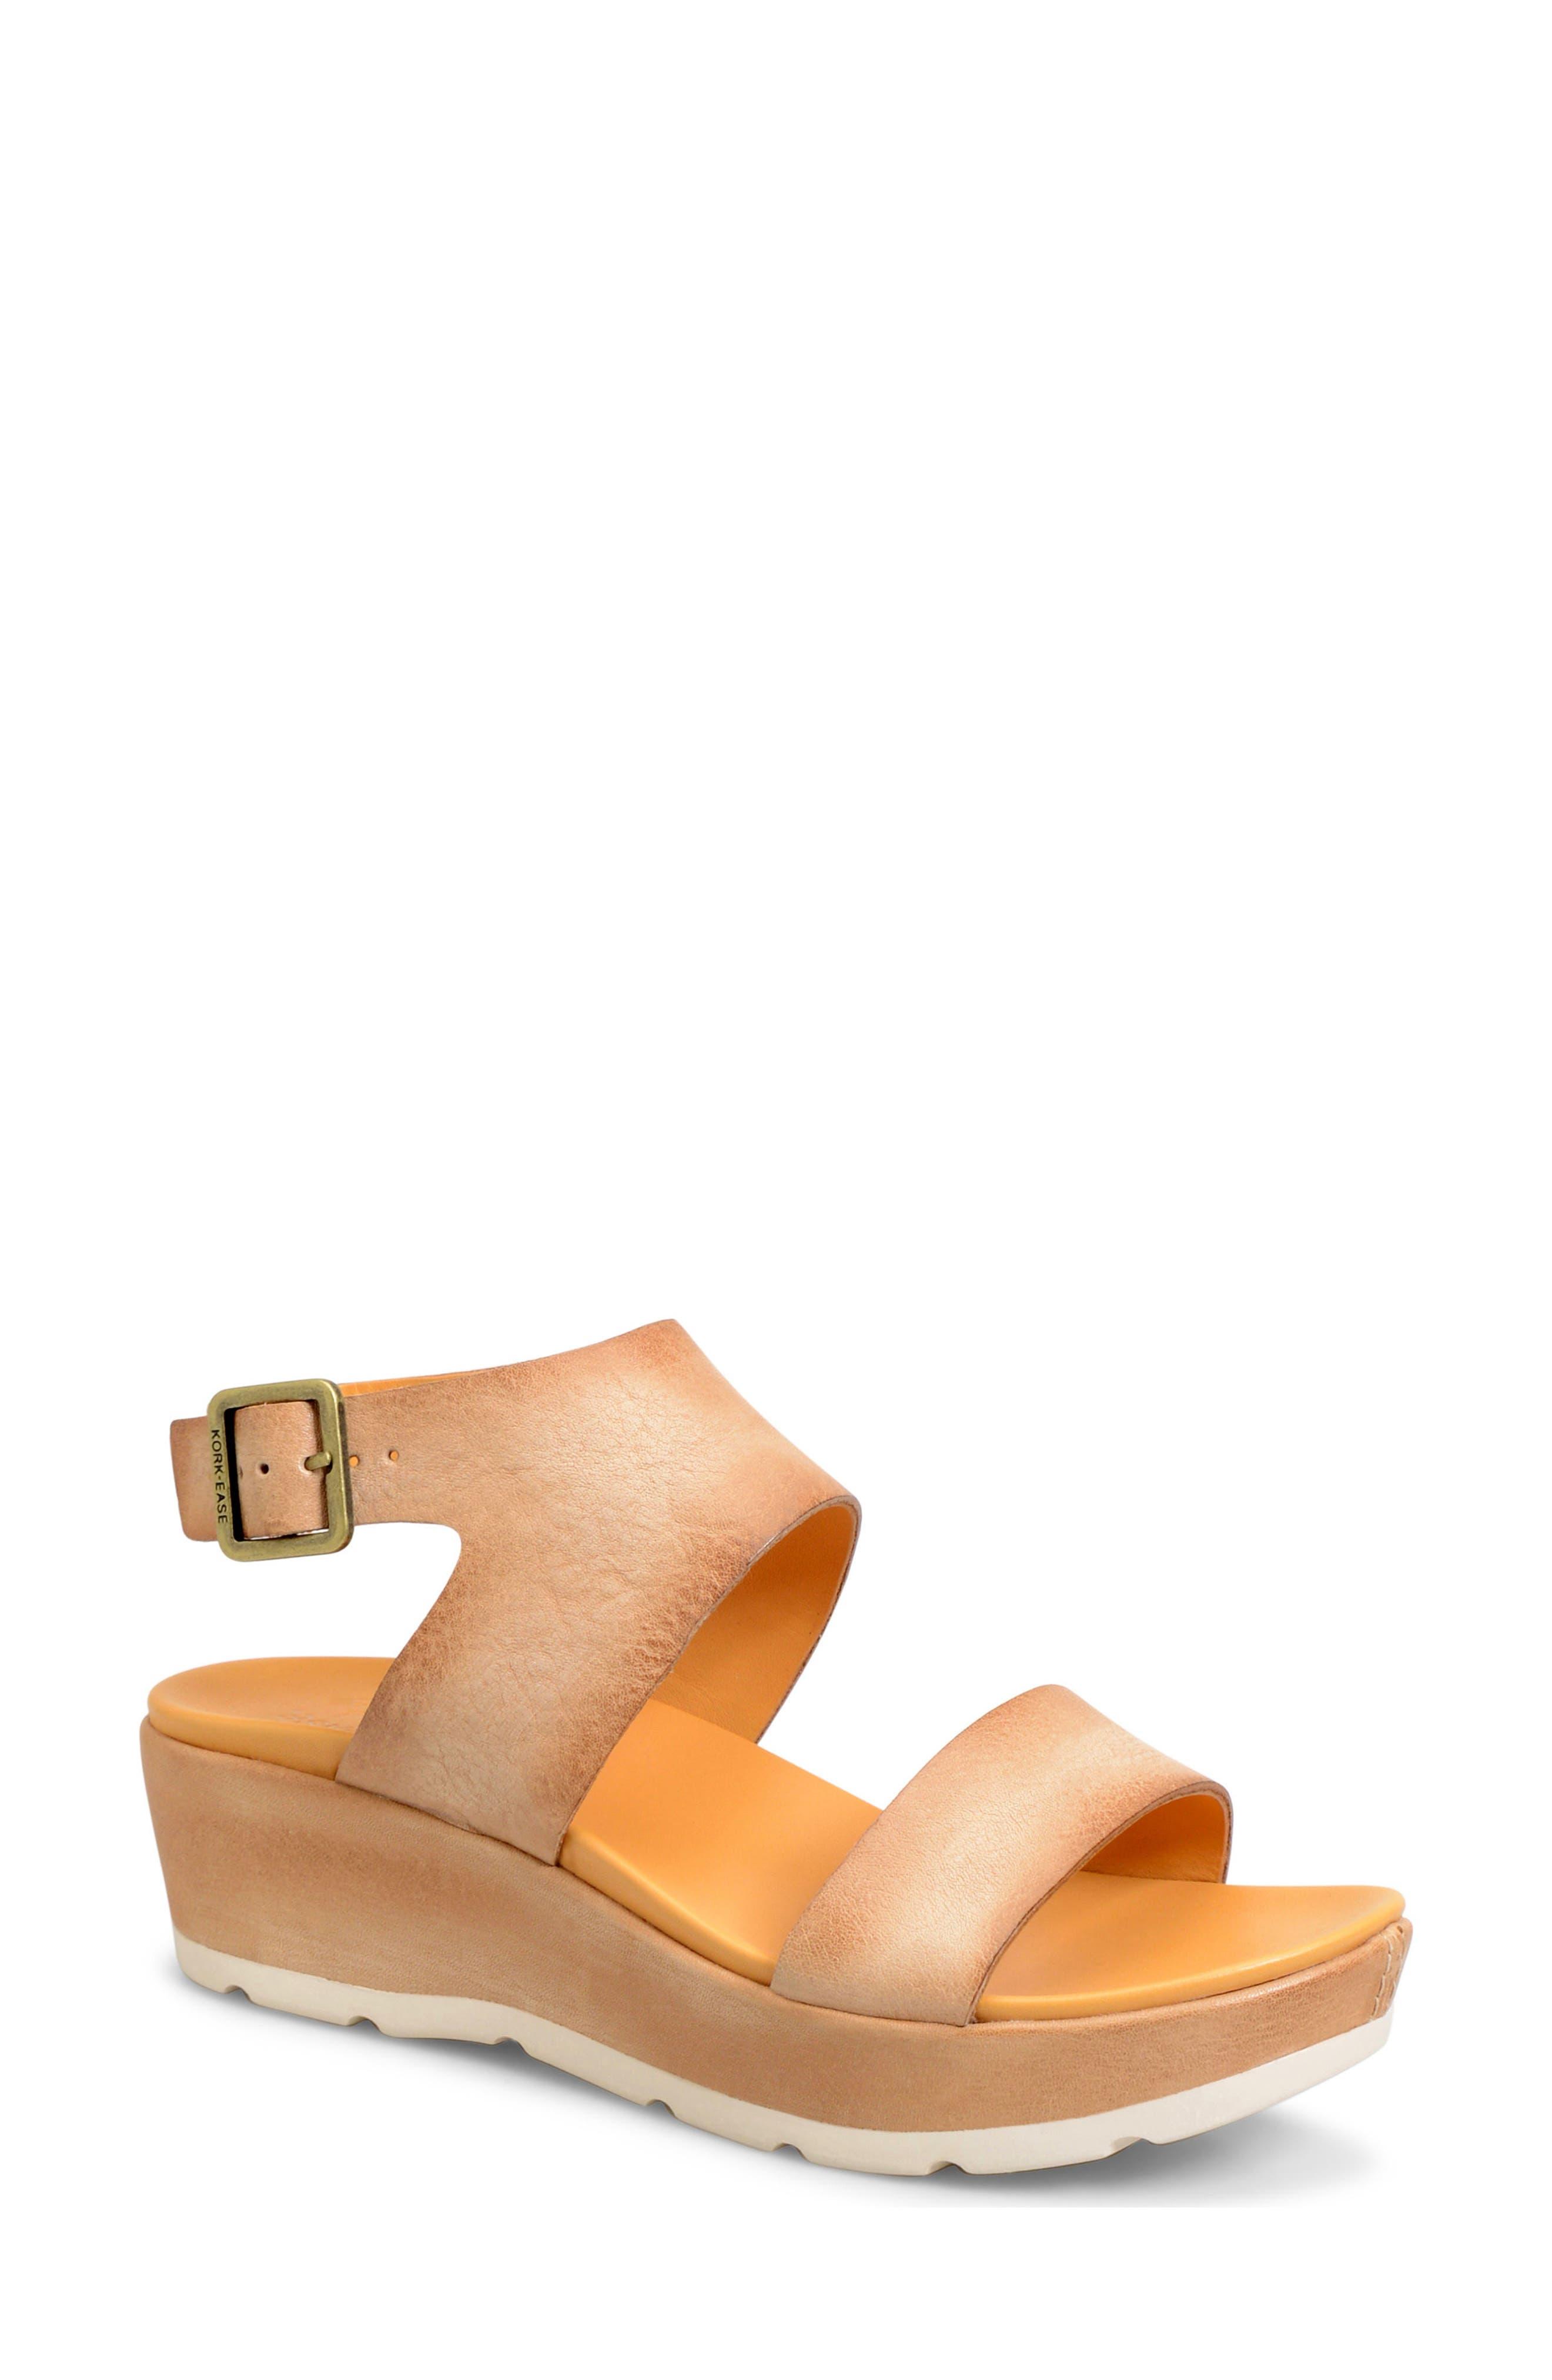 'Khloe' Platform Wedge Sandal,                         Main,                         color, Natural Leather